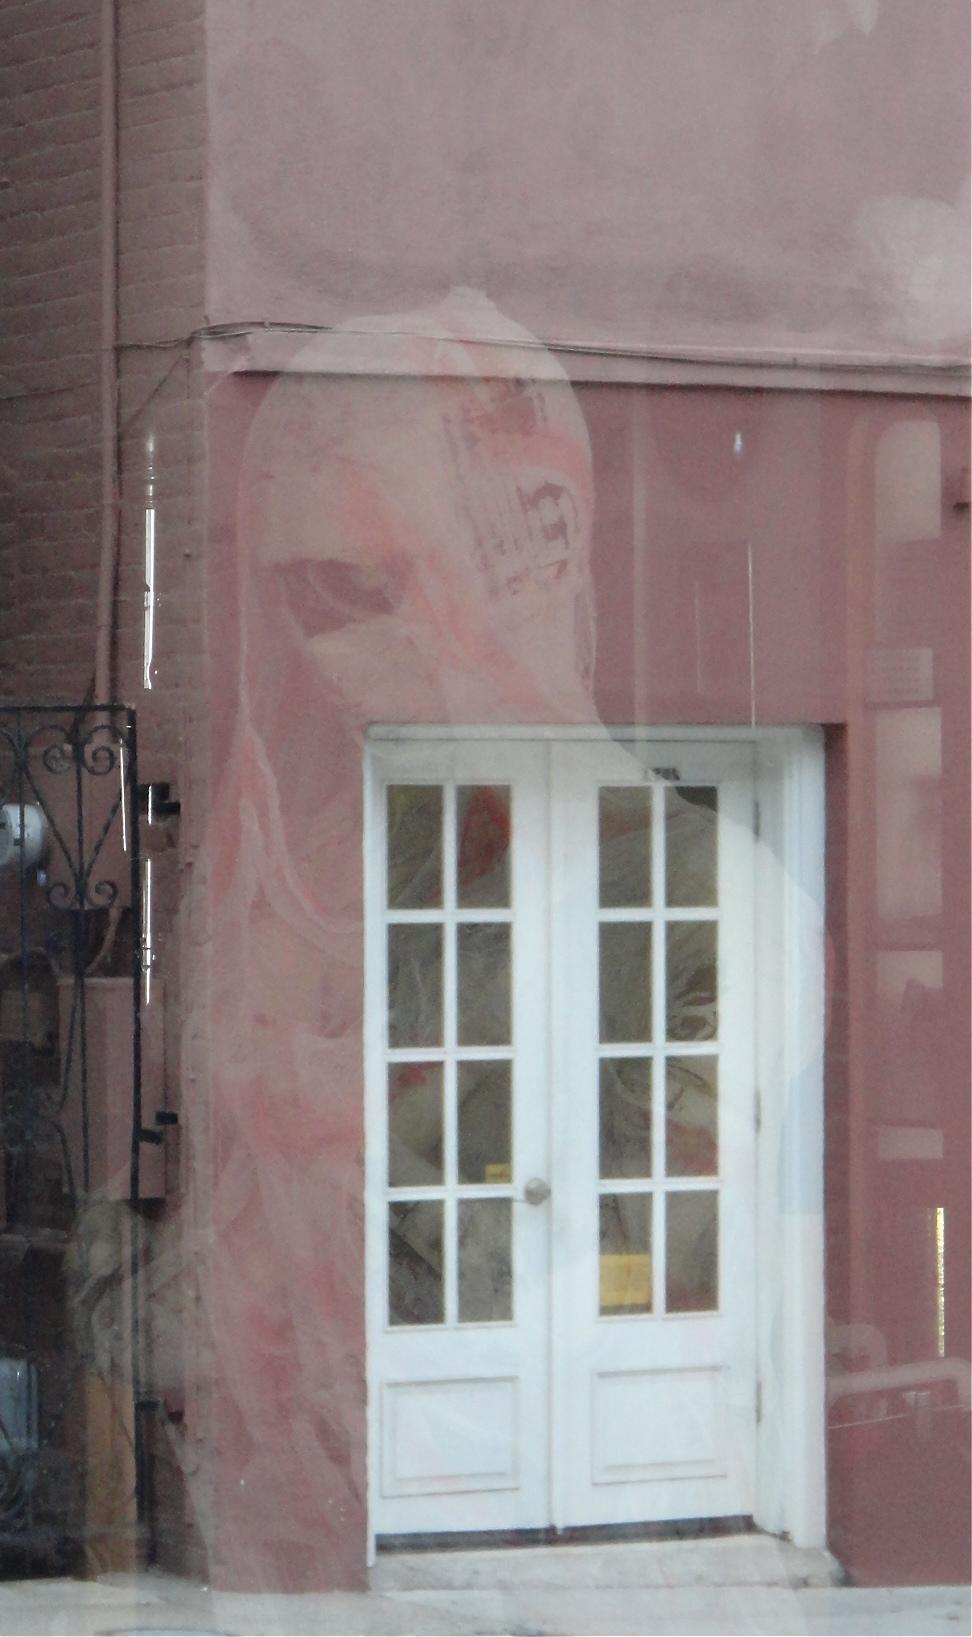 My little town Halloween; the haunted doorway!